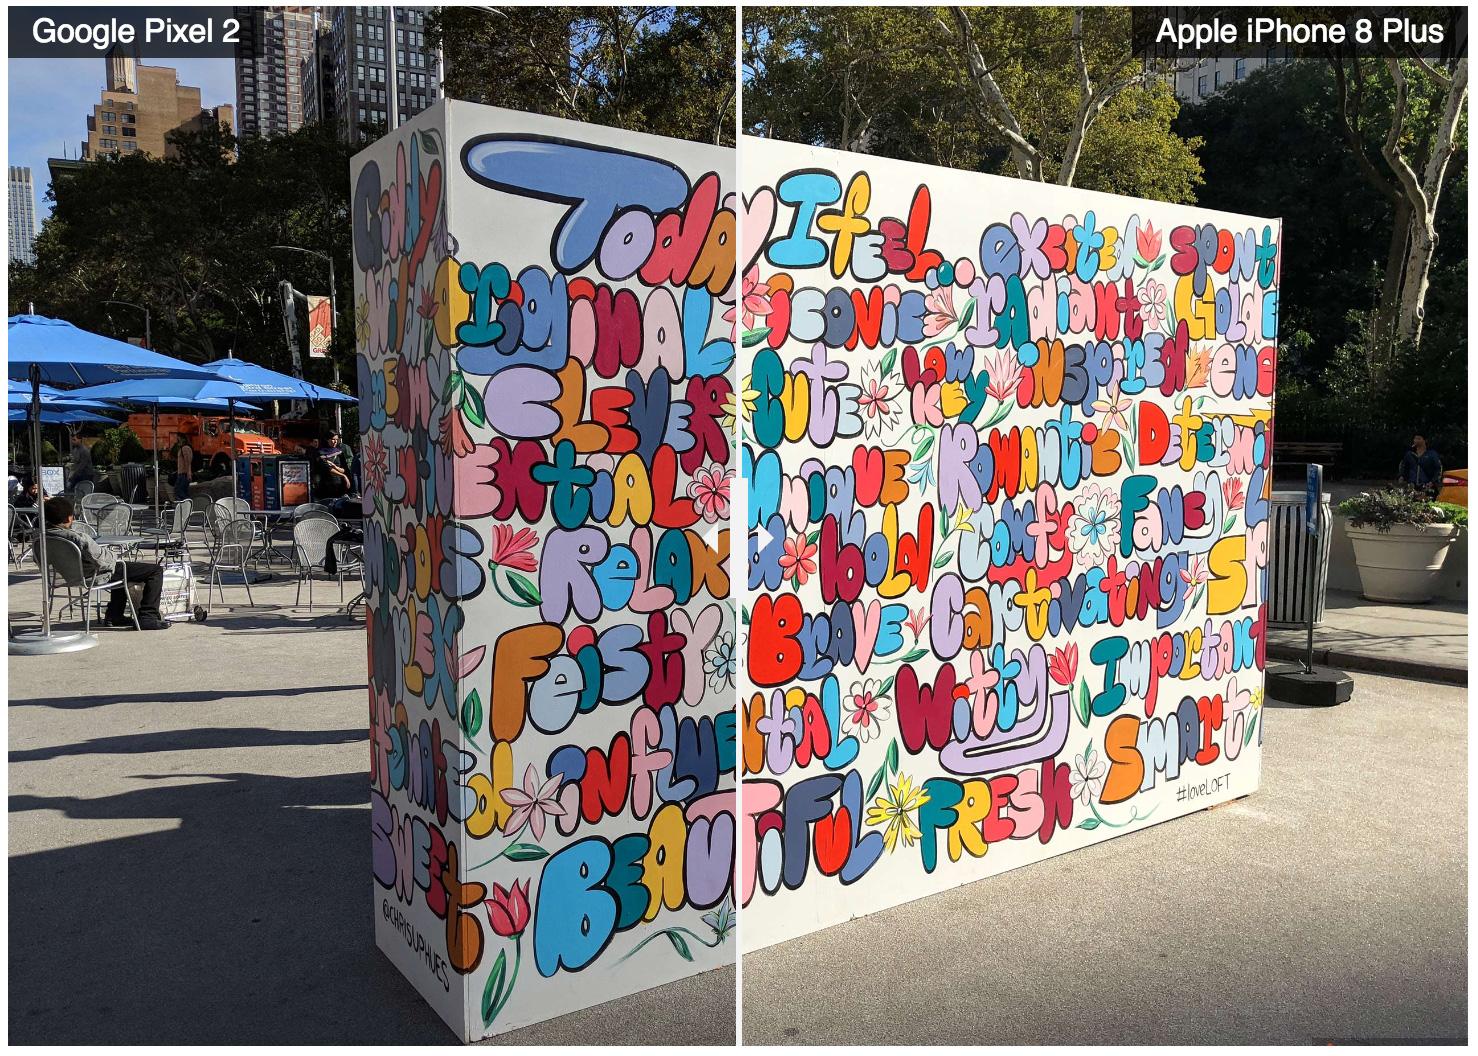 Comparación de imágenes tomadas con el iPhone 8 Plus y el Pixel 2